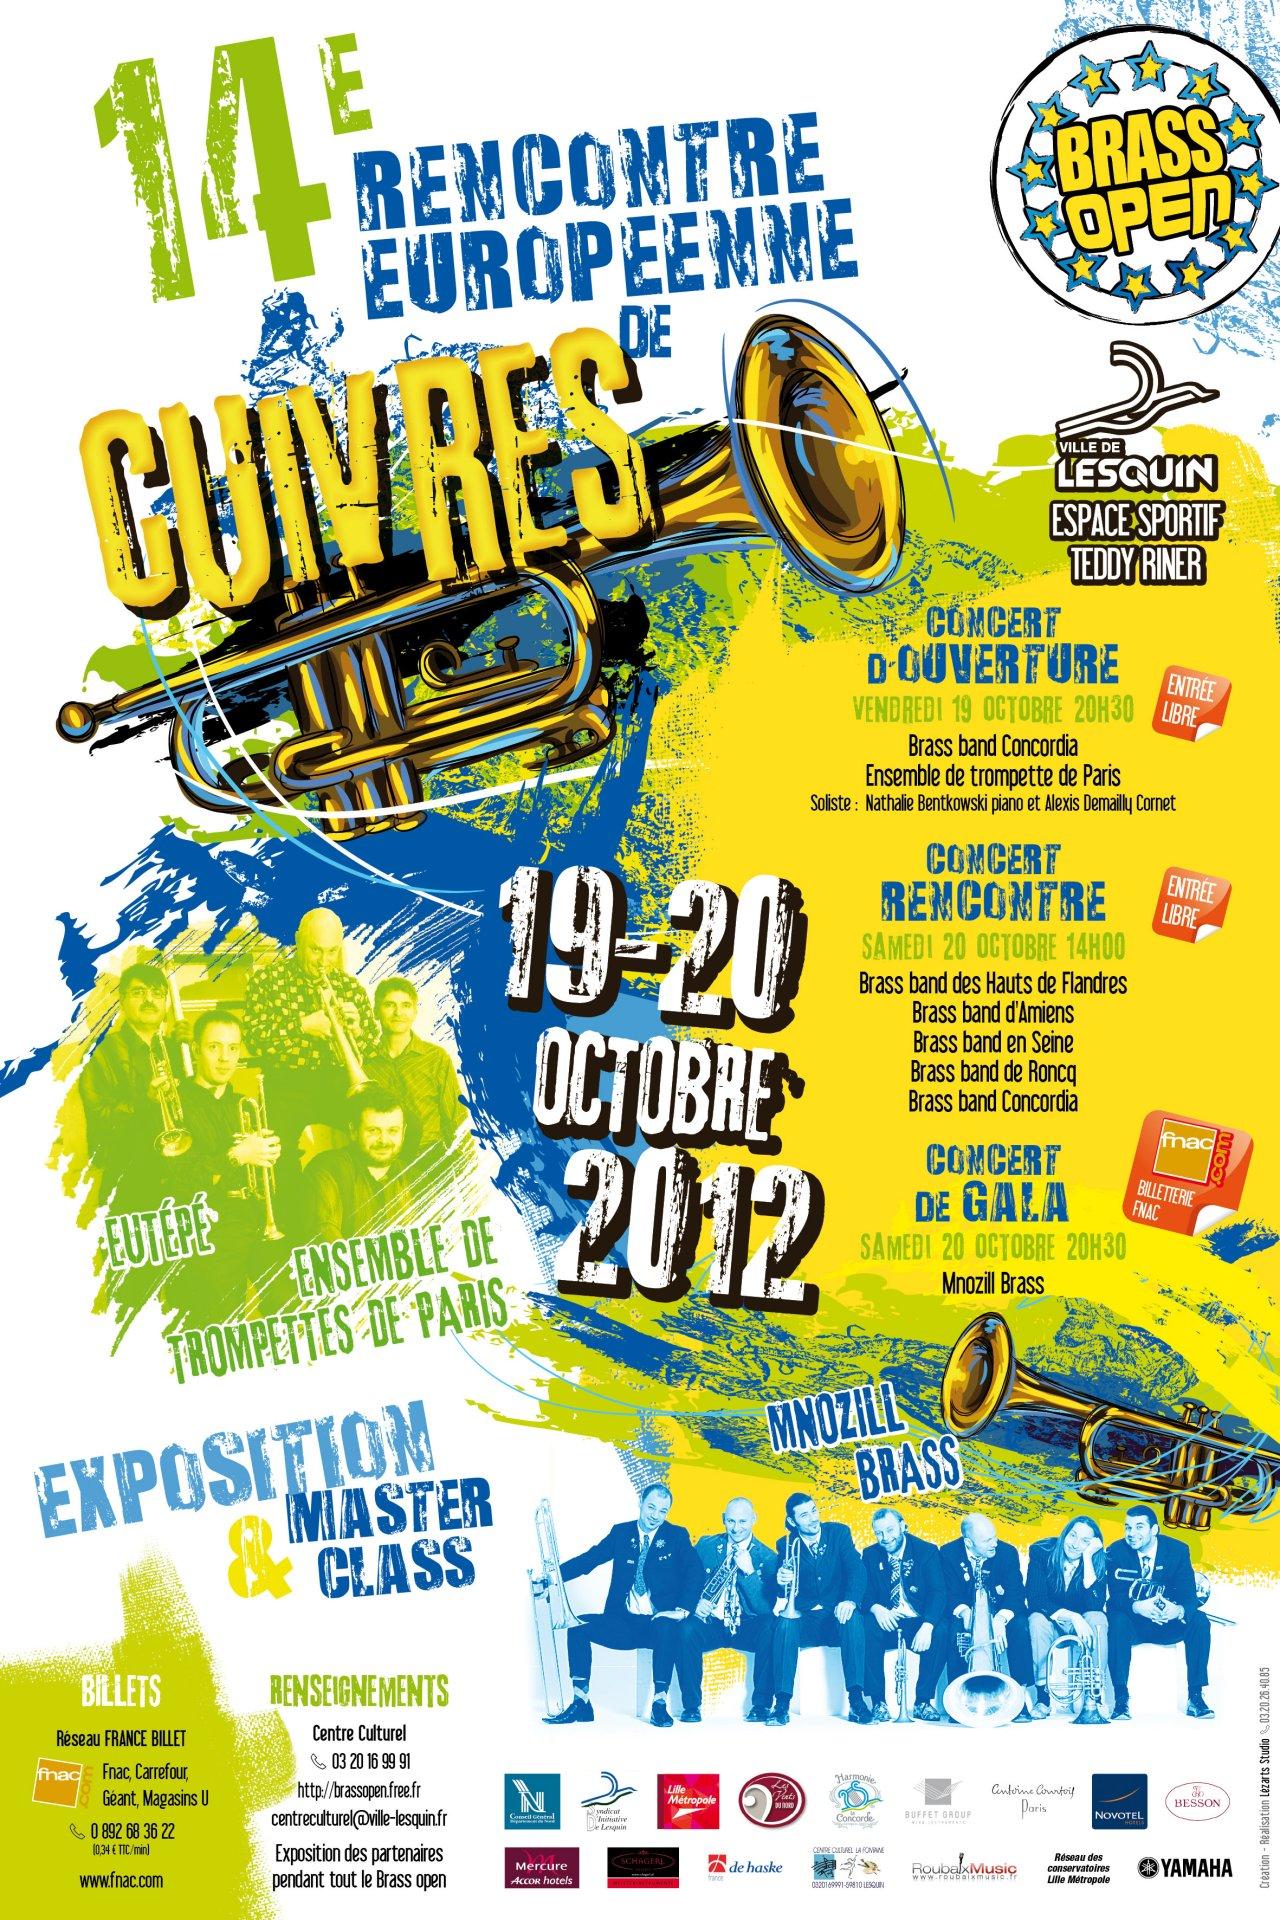 BRASS OPEN 2012 * 14ème Rencontre Européenne de Cuivres